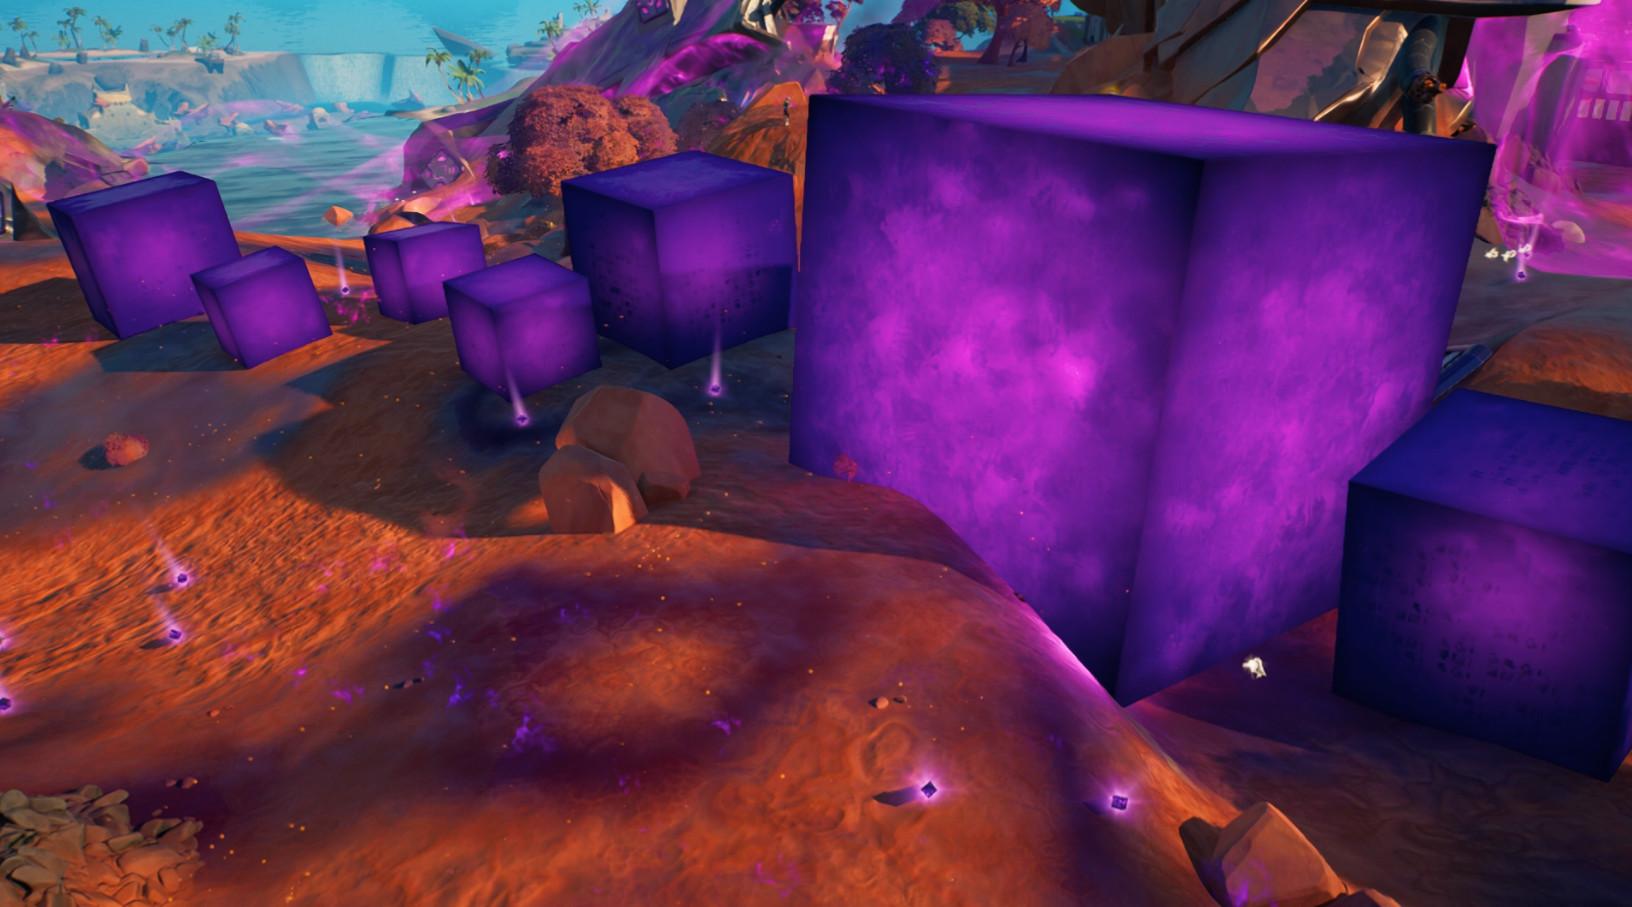 в фортнайт - Из Градирен вышел новый фиолетовый куб и он не похож на других